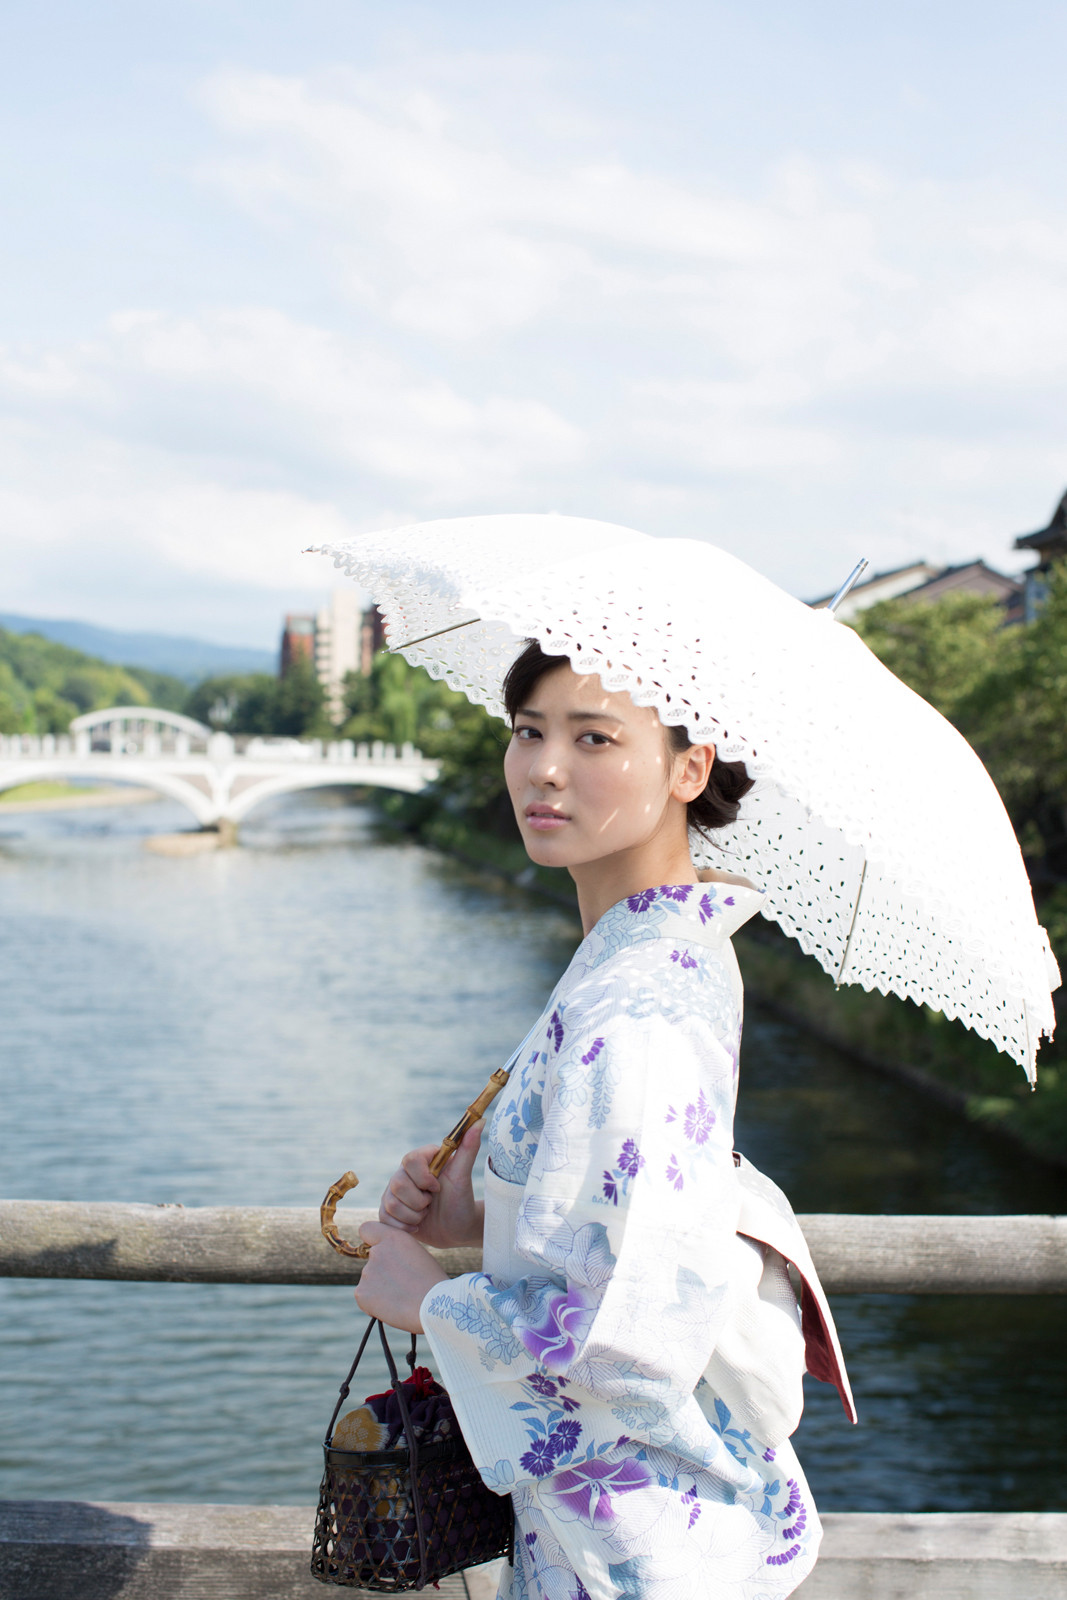 白地に紫のお花の浴衣 白のレースの傘 矢島舞美 橋の上 2020 済み